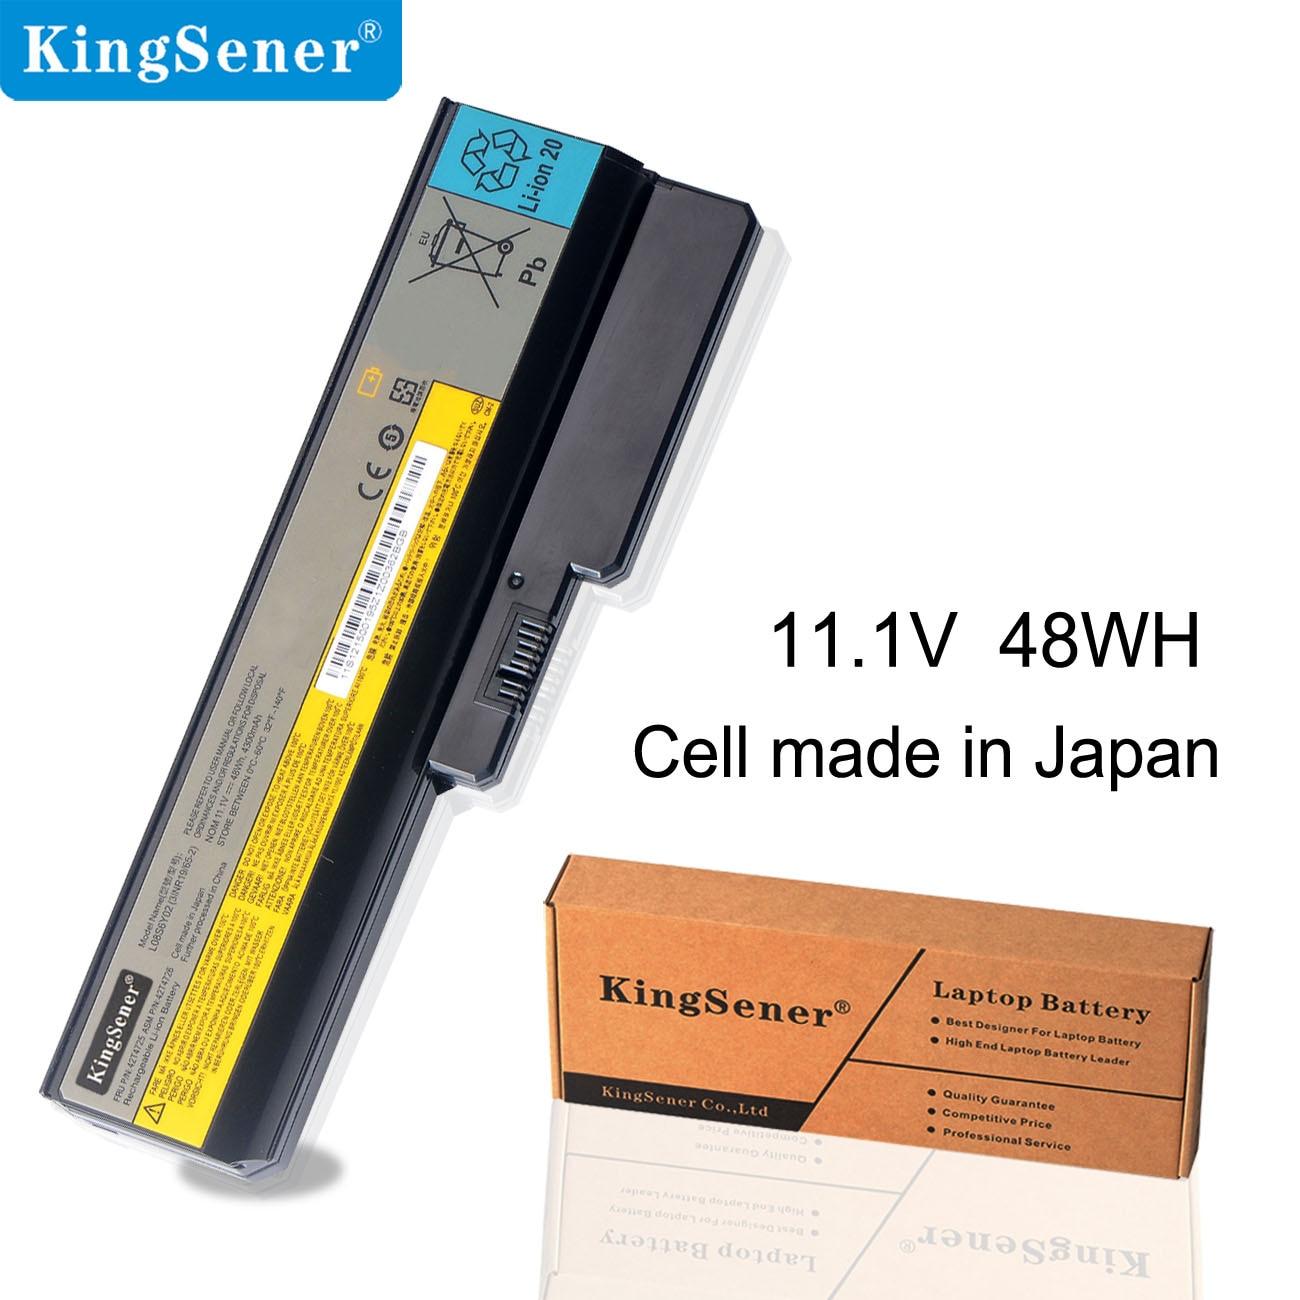 KingSener L08S6Y02 batterie d'ordinateur portable Pour Lenovo 3000 G430 G450 G530 G550 N500 Z360 B460 B550 V460 V450 G455 G555 G450M L08L6Y02